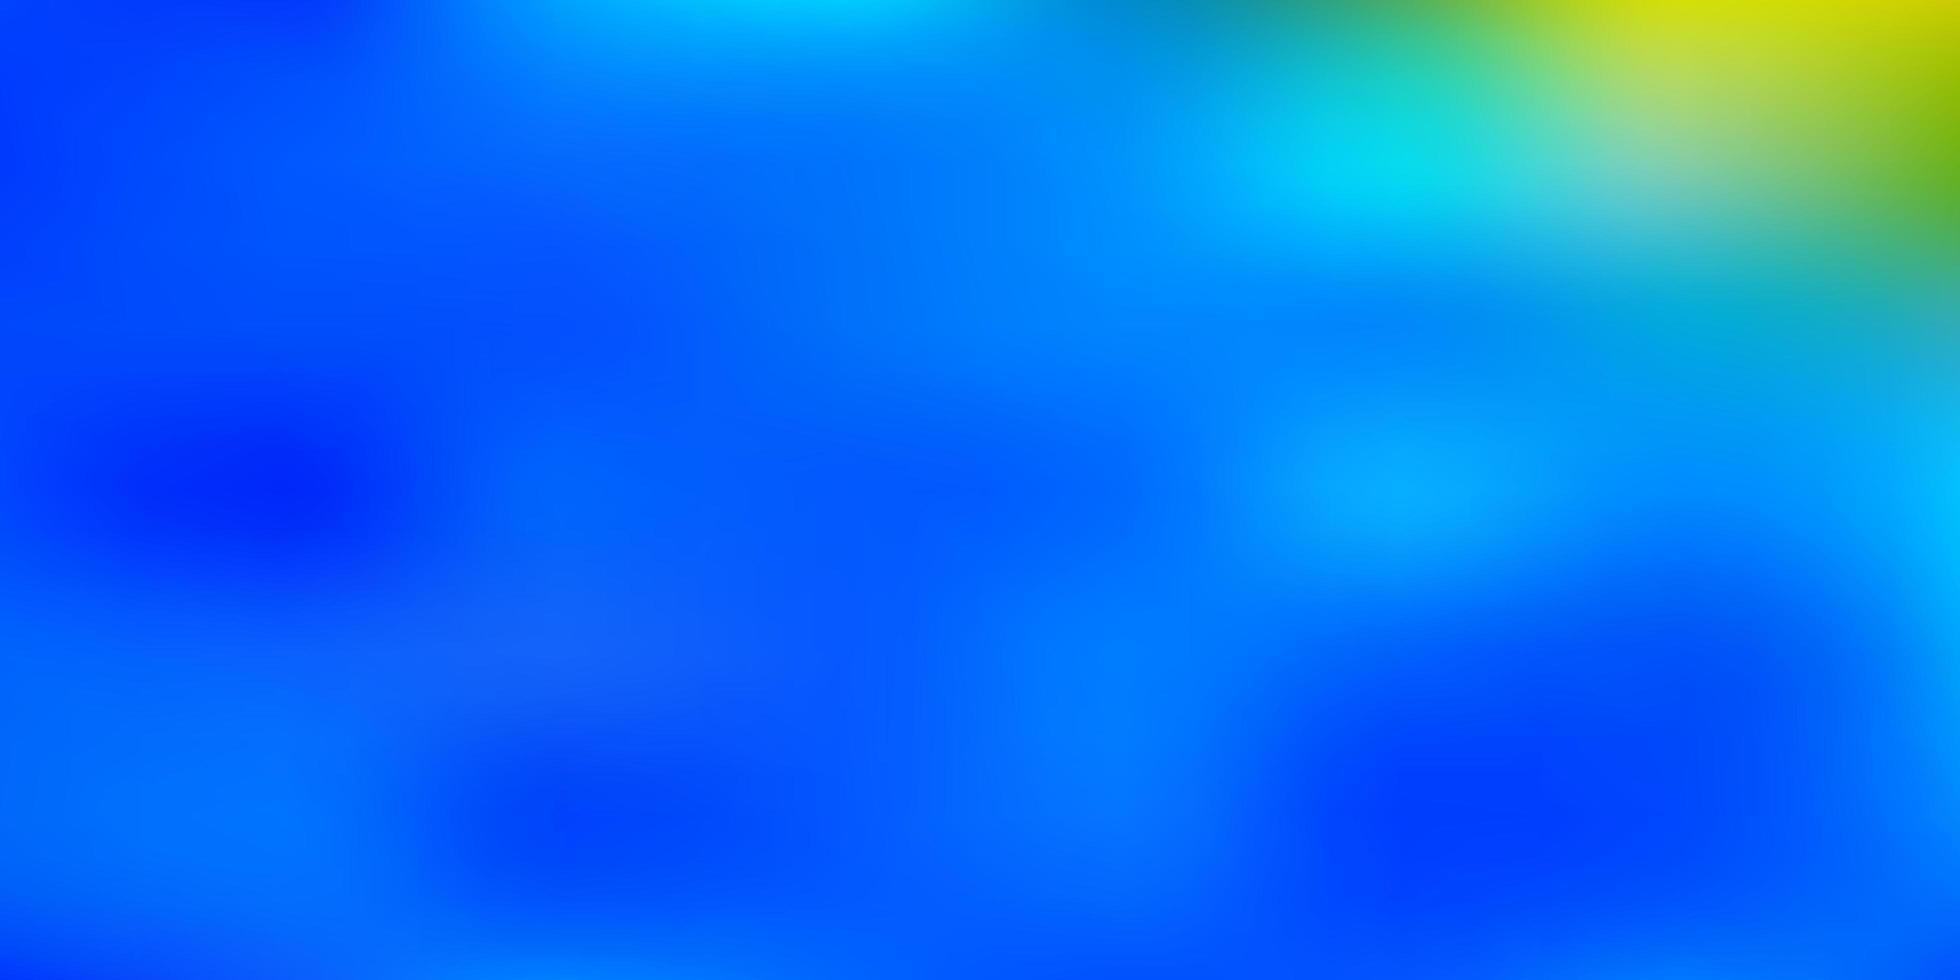 fundo azul claro, amarelo desfocar. vetor